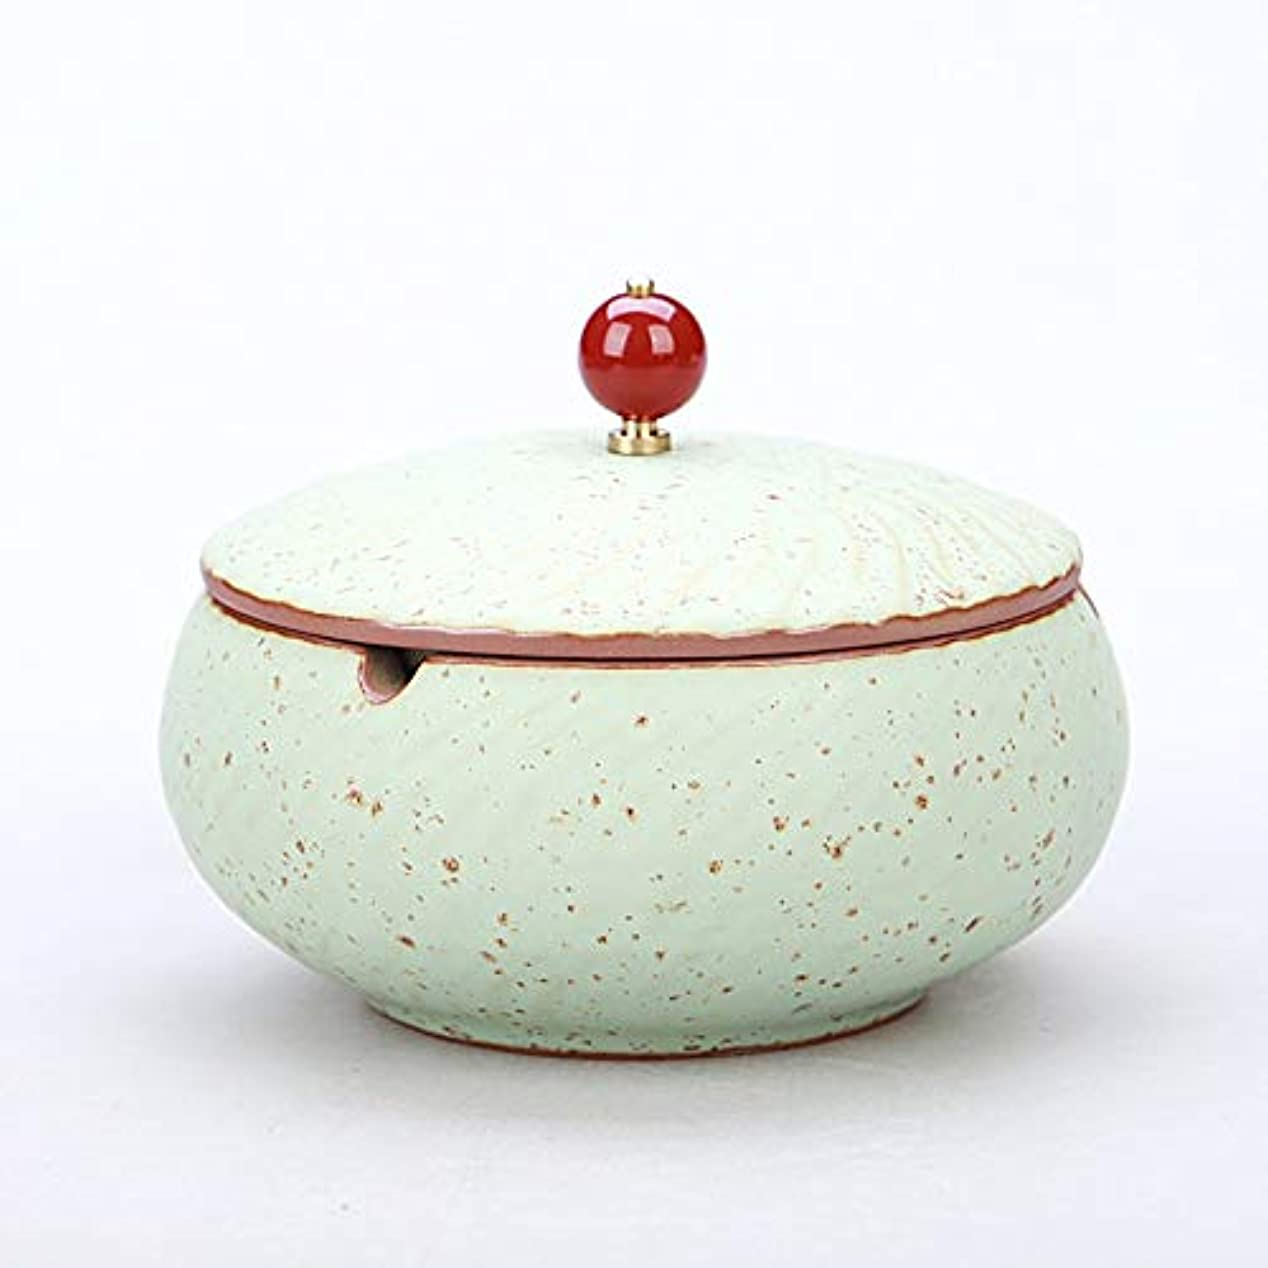 容器崇拝します氏ふたが付いている陶磁器の灰皿、防風、喫煙者のための灰のホールダー、ホームオフィスの装飾のためのデスクトップの喫煙灰皿 (色 : ブロンズ)